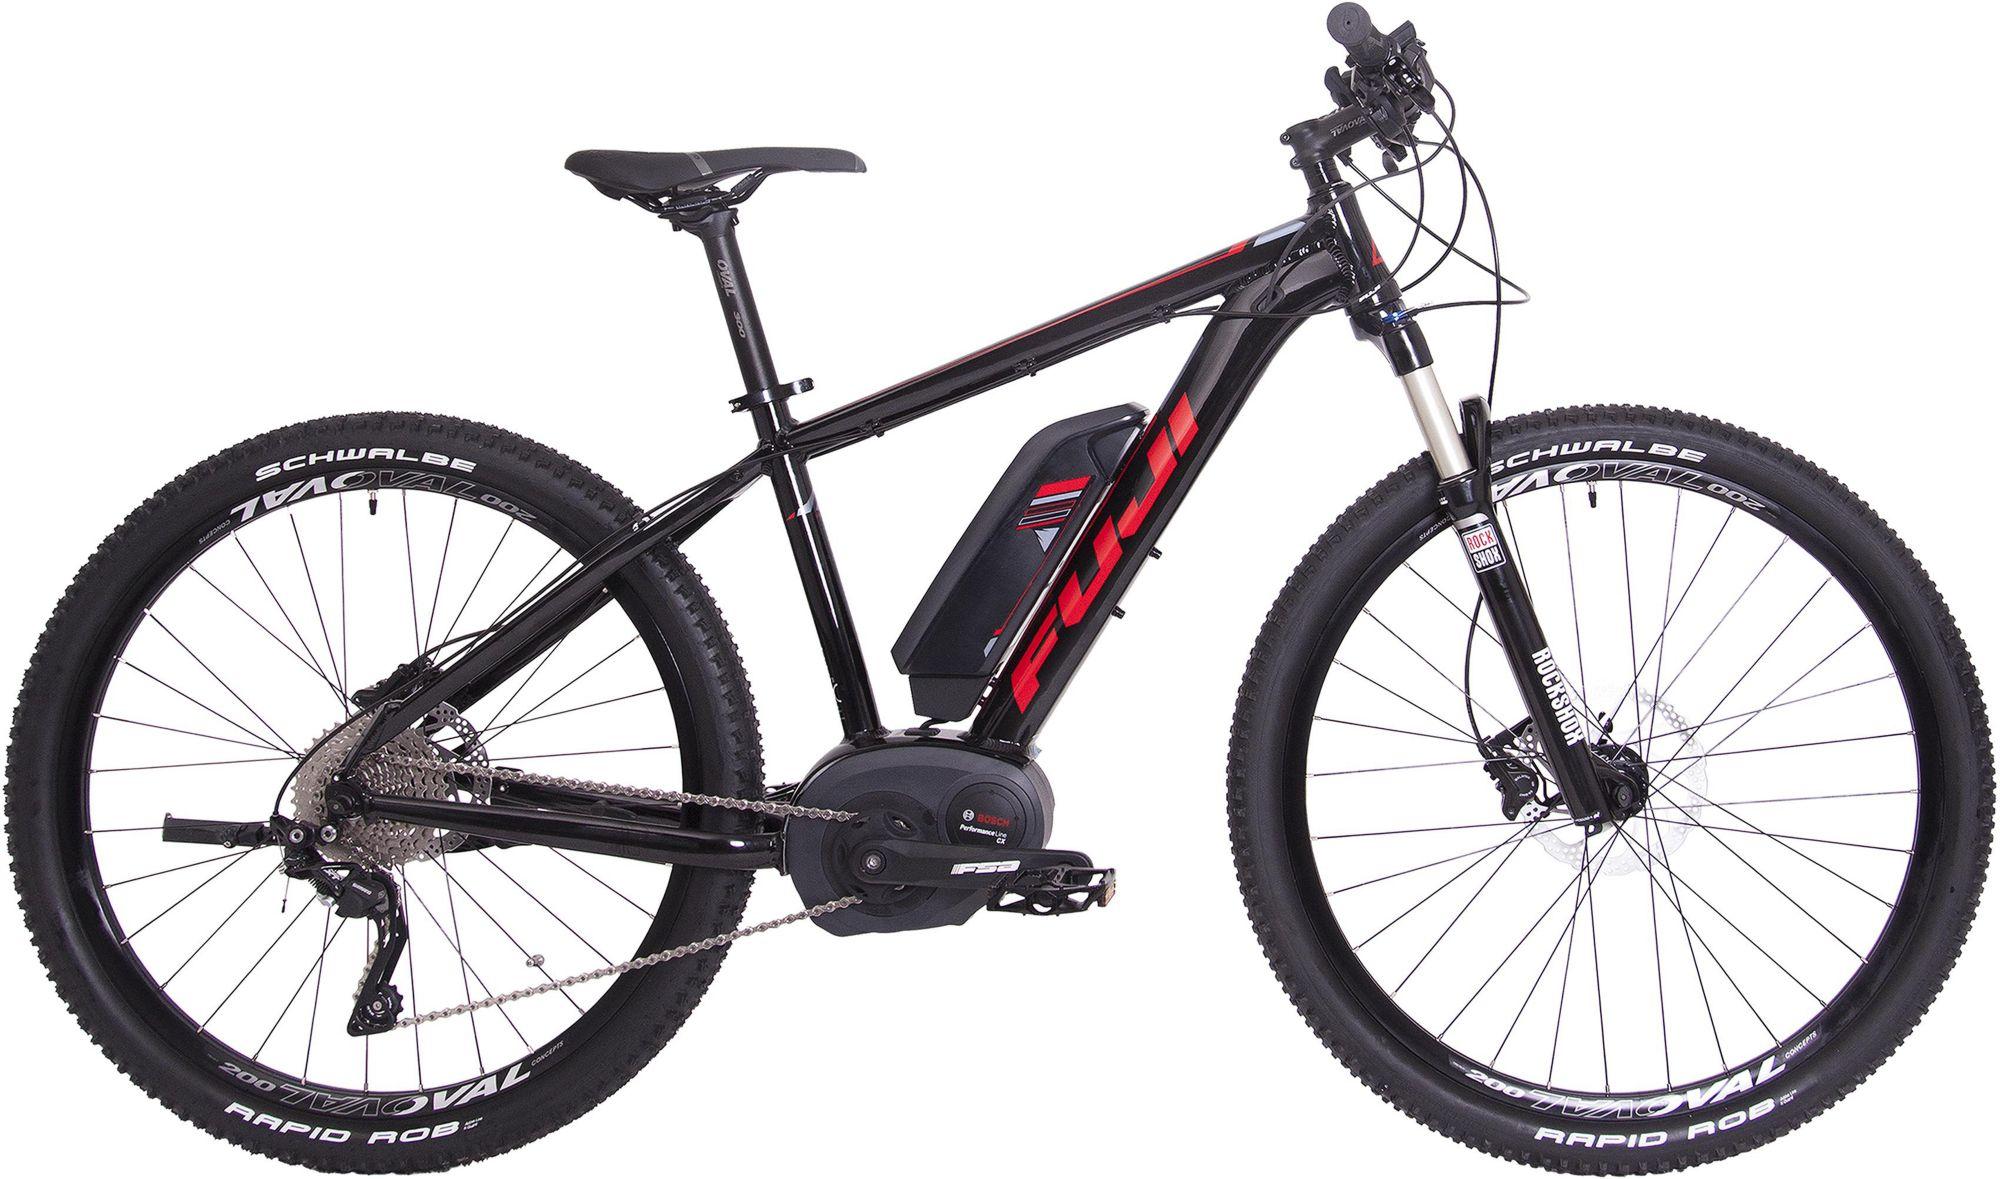 FUJI Fuji Herren MTB E-Bike Mittelmotor 36V/250W, 27,5 Zoll, 10 Gang Shimano Deore XT, »AMBIENT 1.3«